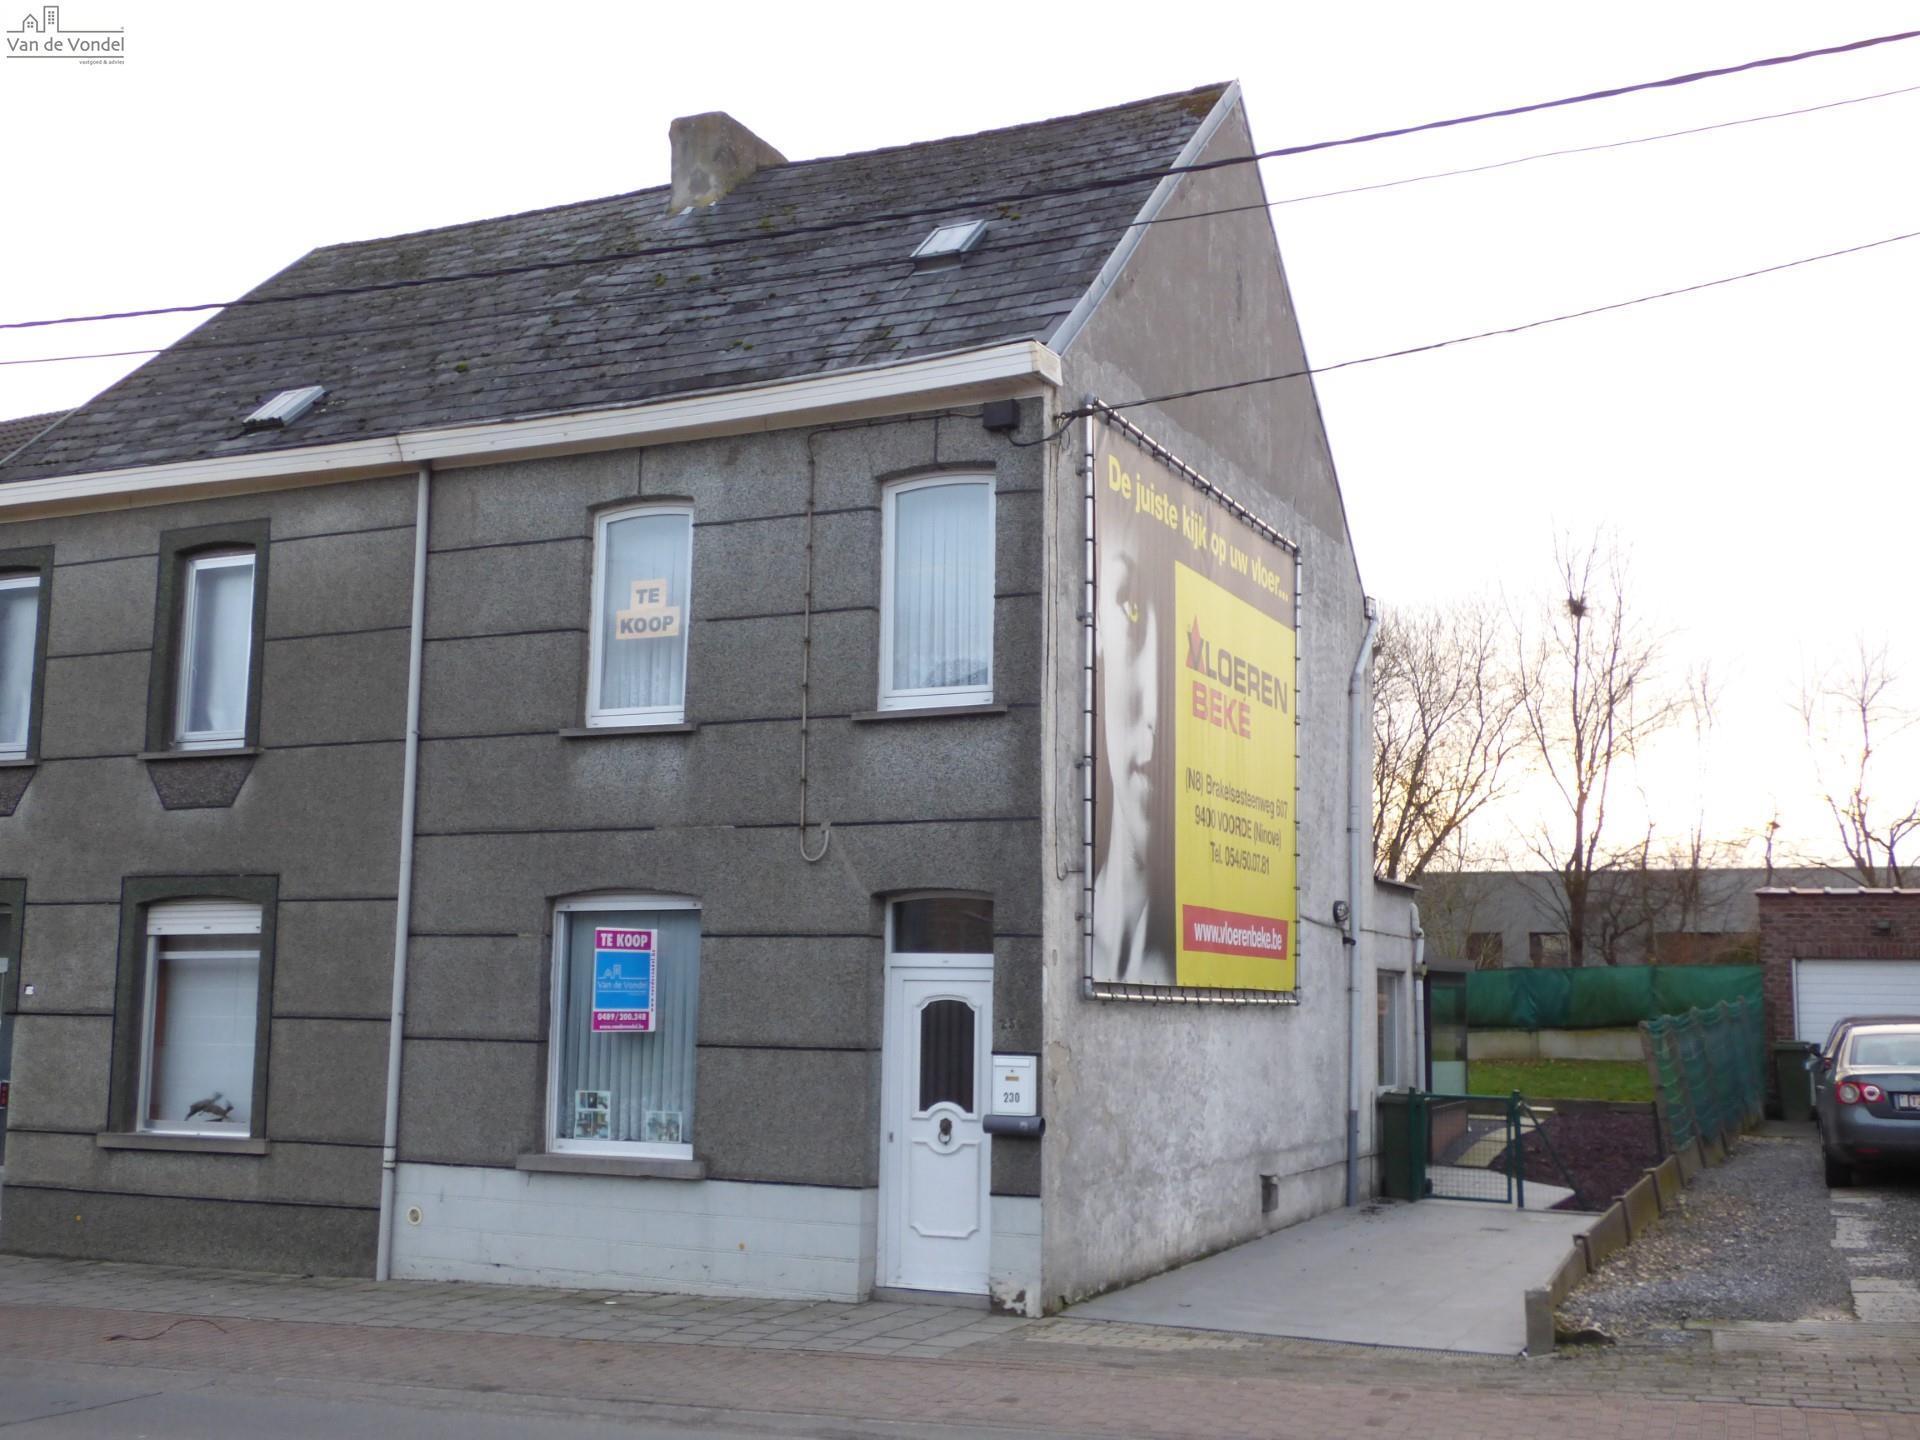 Huis te koop in aalst erembodegem van de vondel for Huis te koop aalst